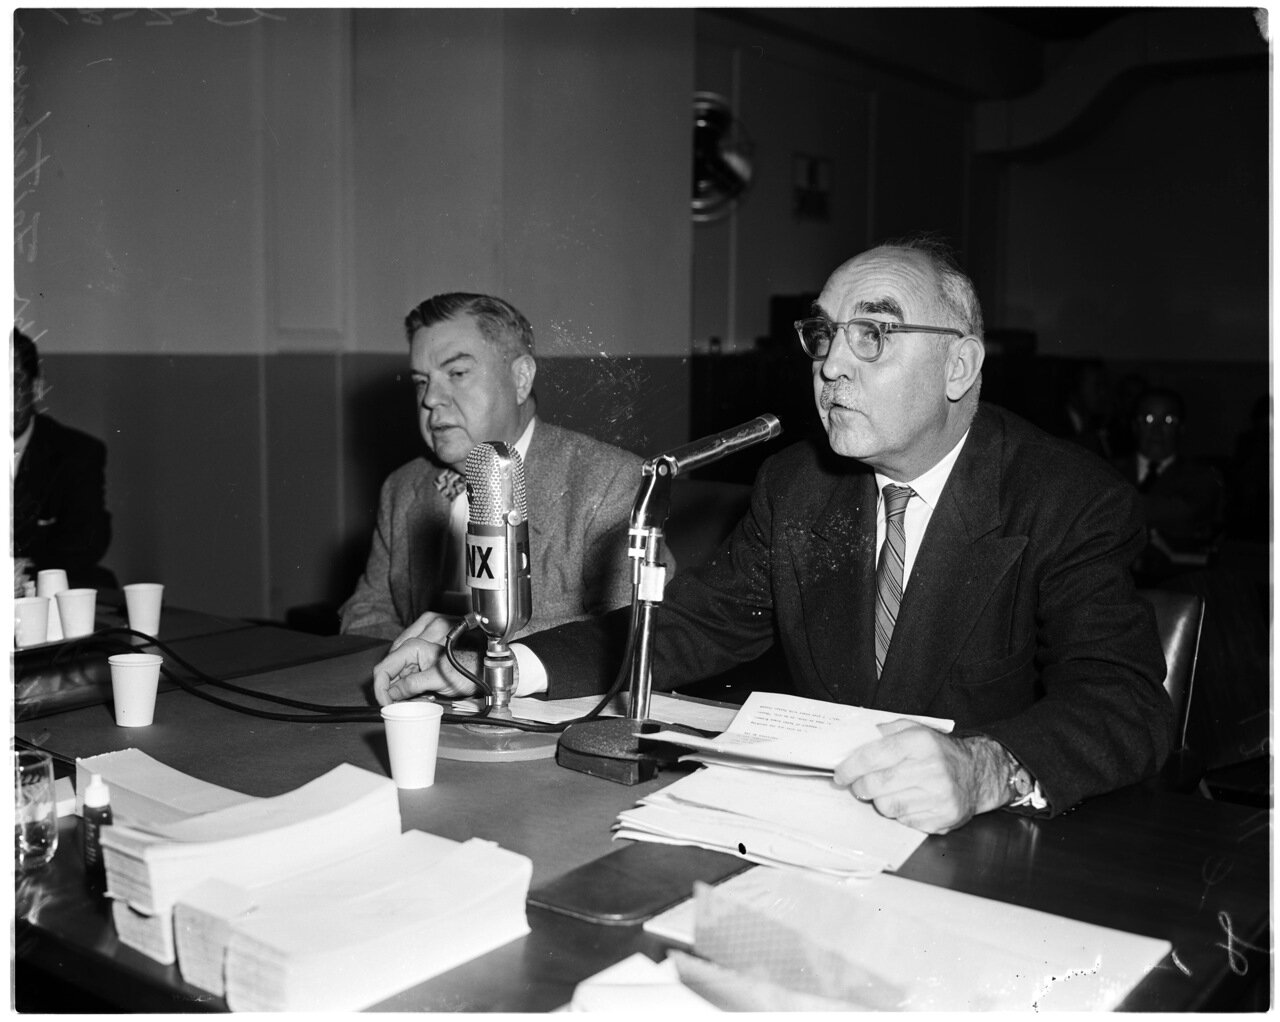 1956. 7 декабря. Комиссия по расследованию антиамериканской деятельности. . Адвокат Роберт Кенни. Преподобный Стефан Фритчман